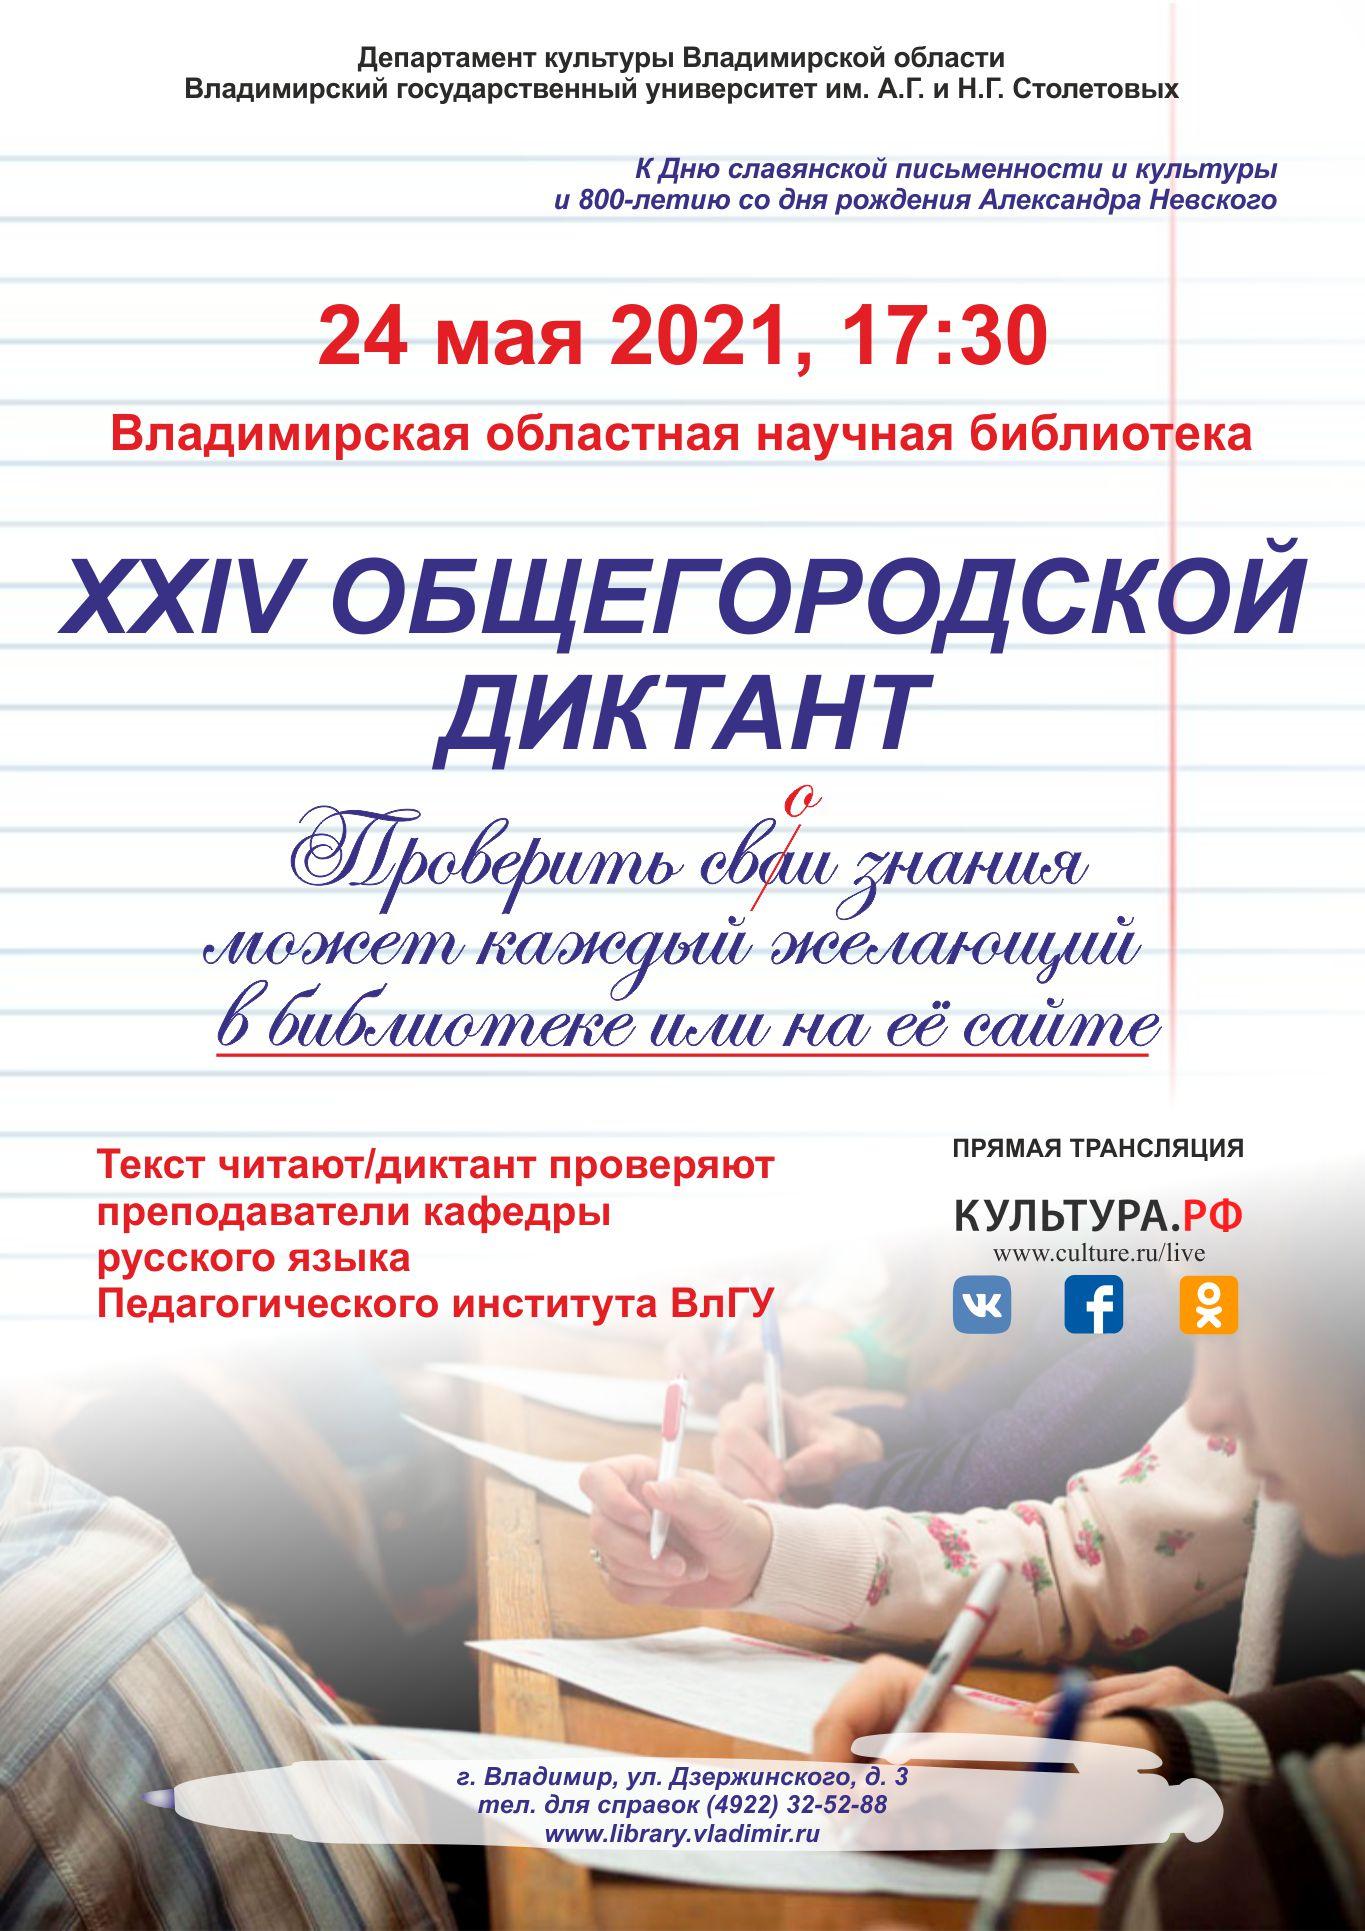 общегородской диктант в мае афиша